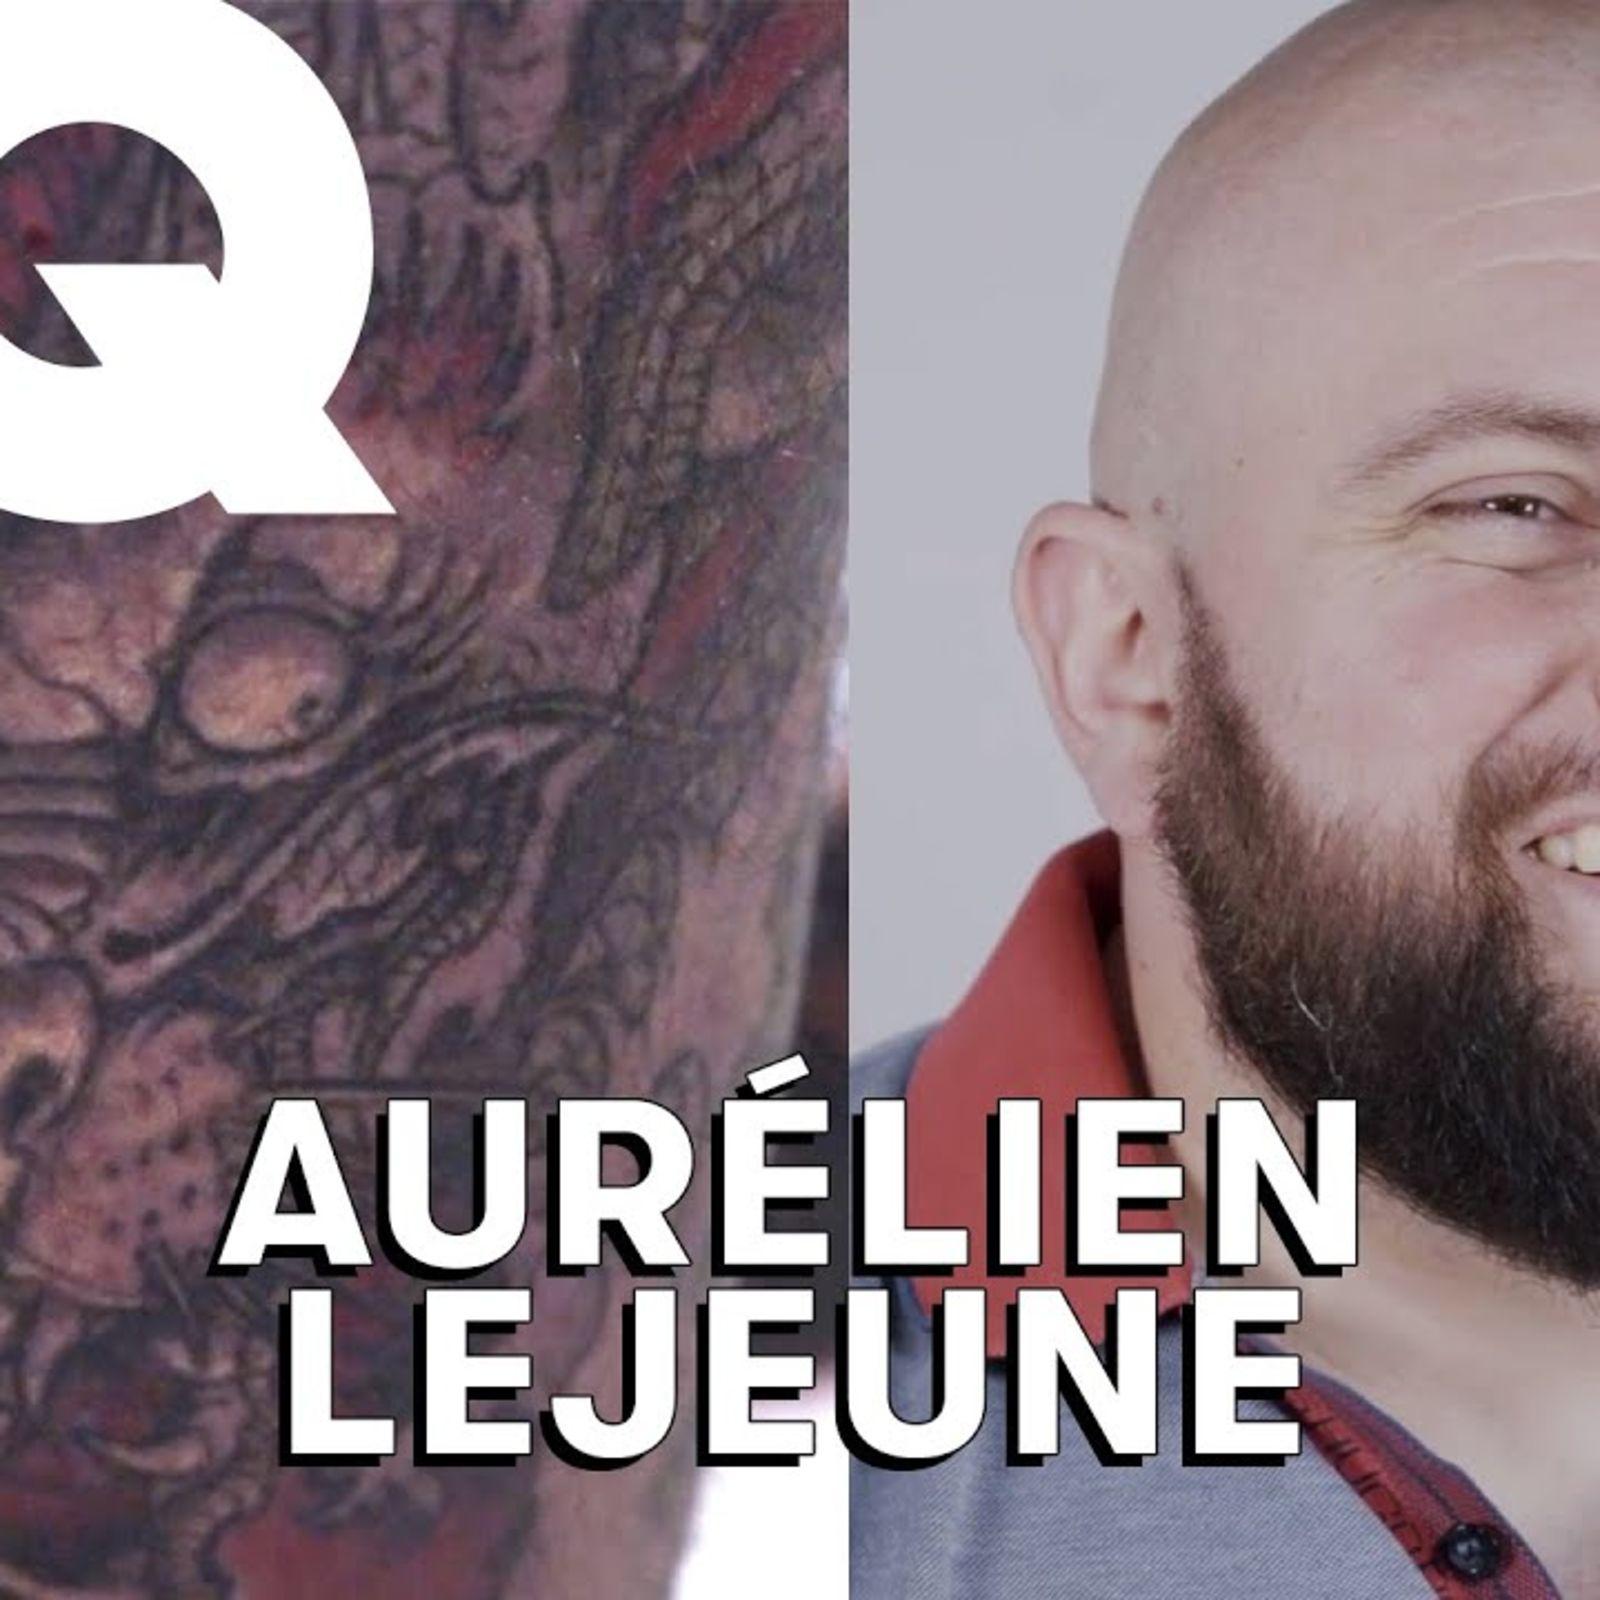 Aurélien Lejeune, l'homme le plus fort de France dévoile ses tattoos : Vikings, dragon…